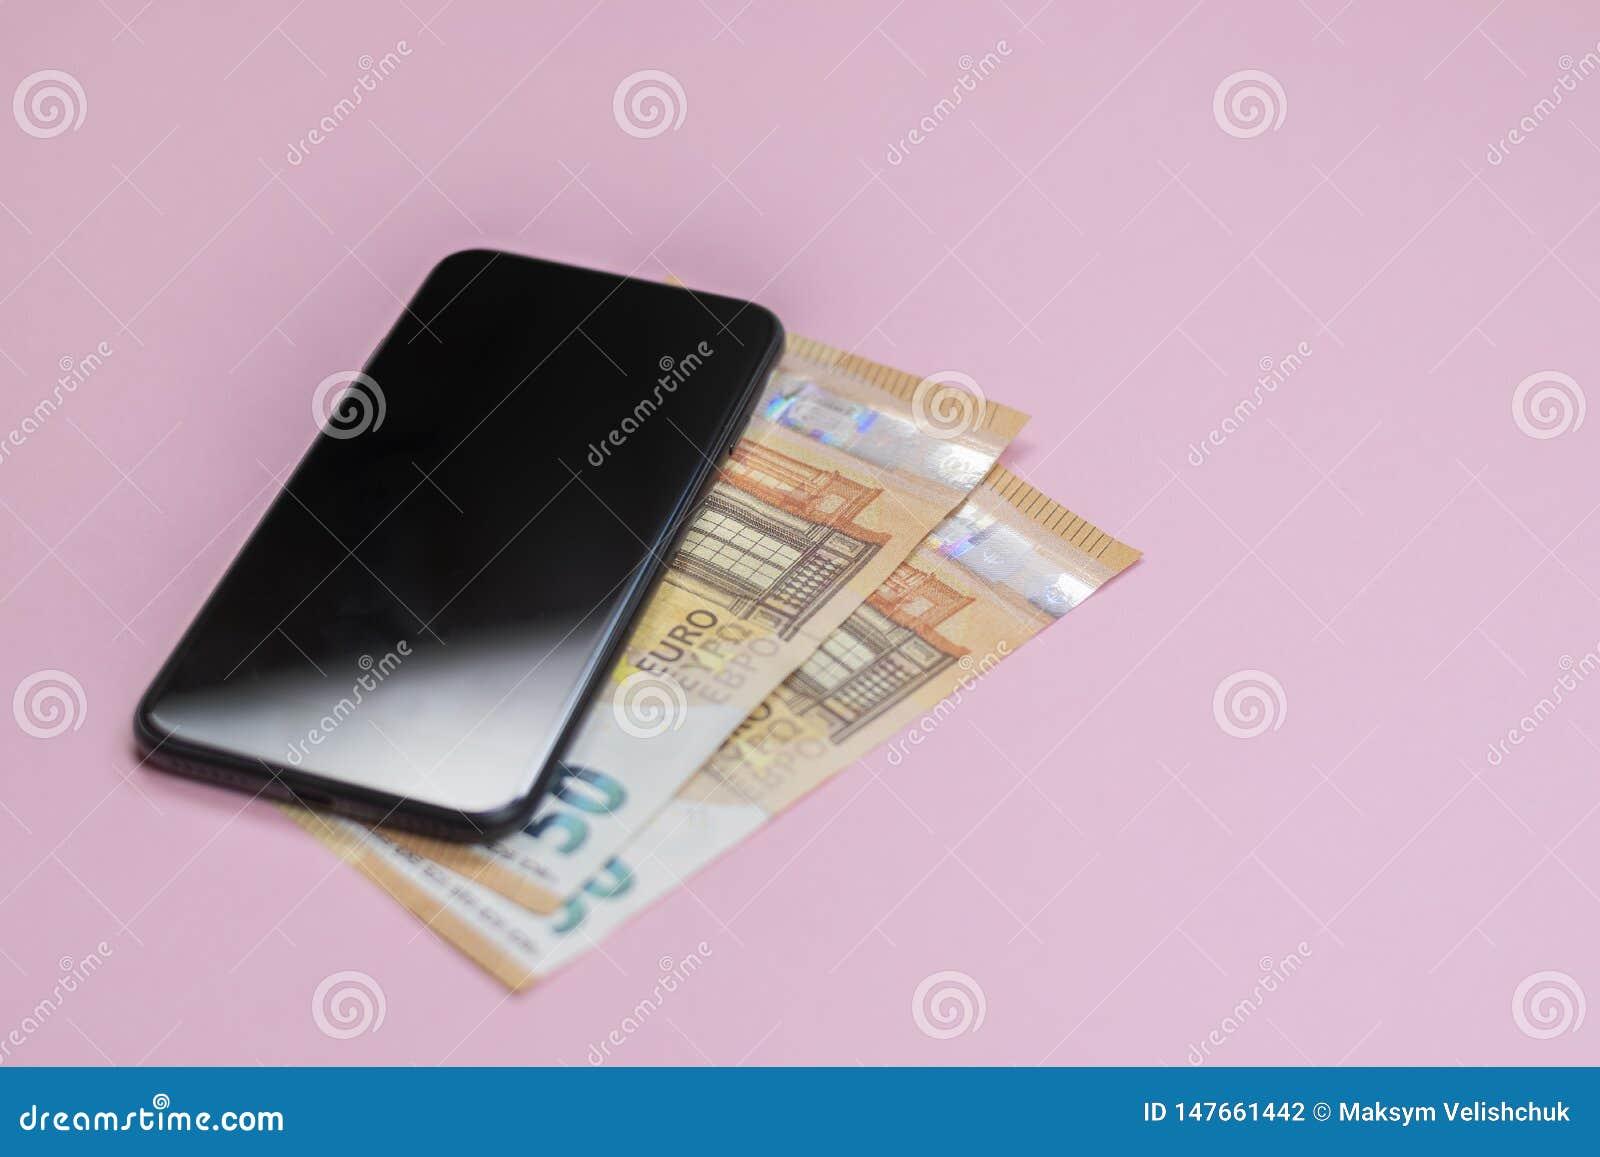 Close-up van smartphone met geld op een roze achtergrond